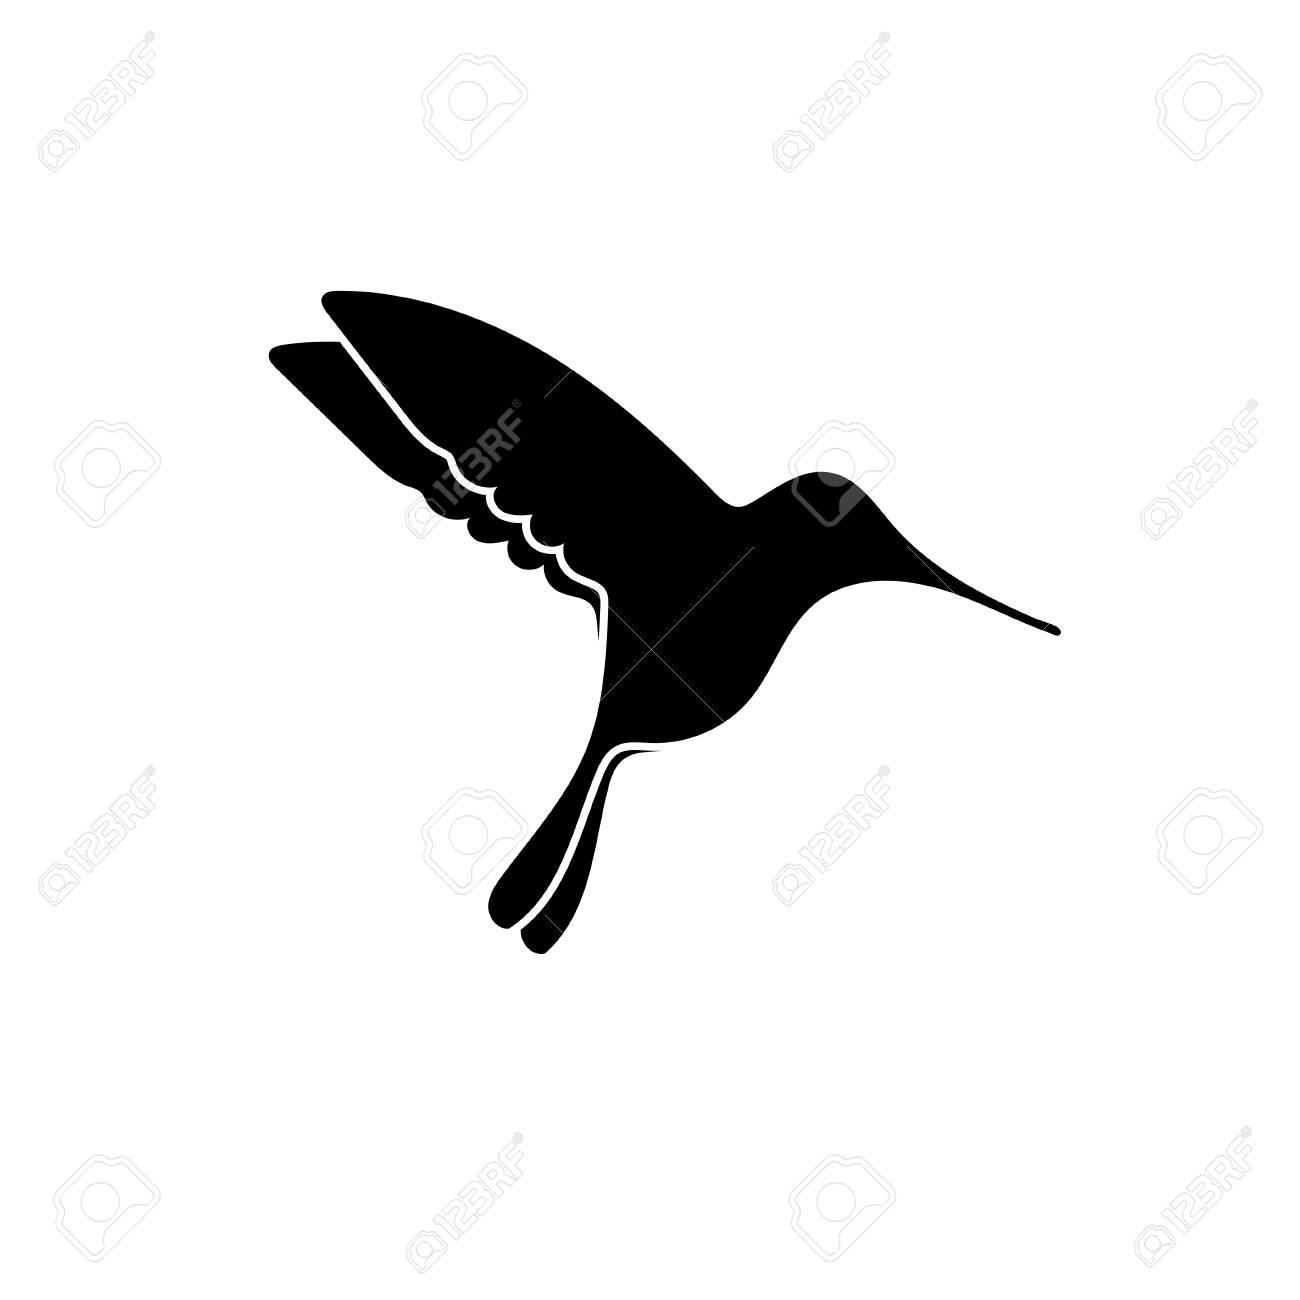 Negro Silueta De La Pequeña Colibri Aislado En Blanco Ilustraciones